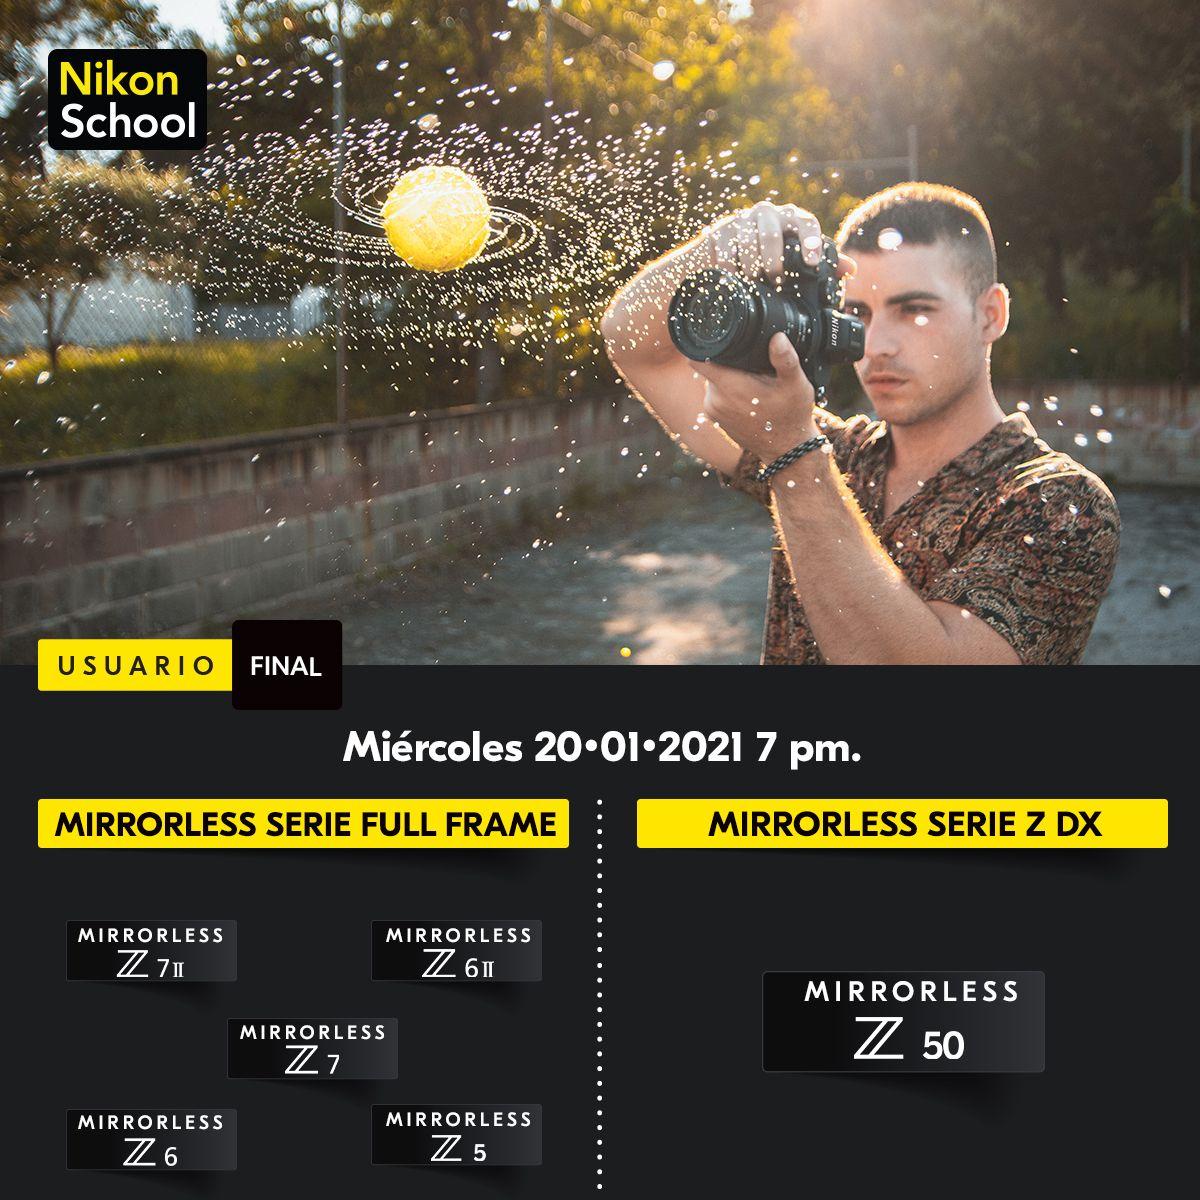 cursos nikon school gratis enero español mexico 2